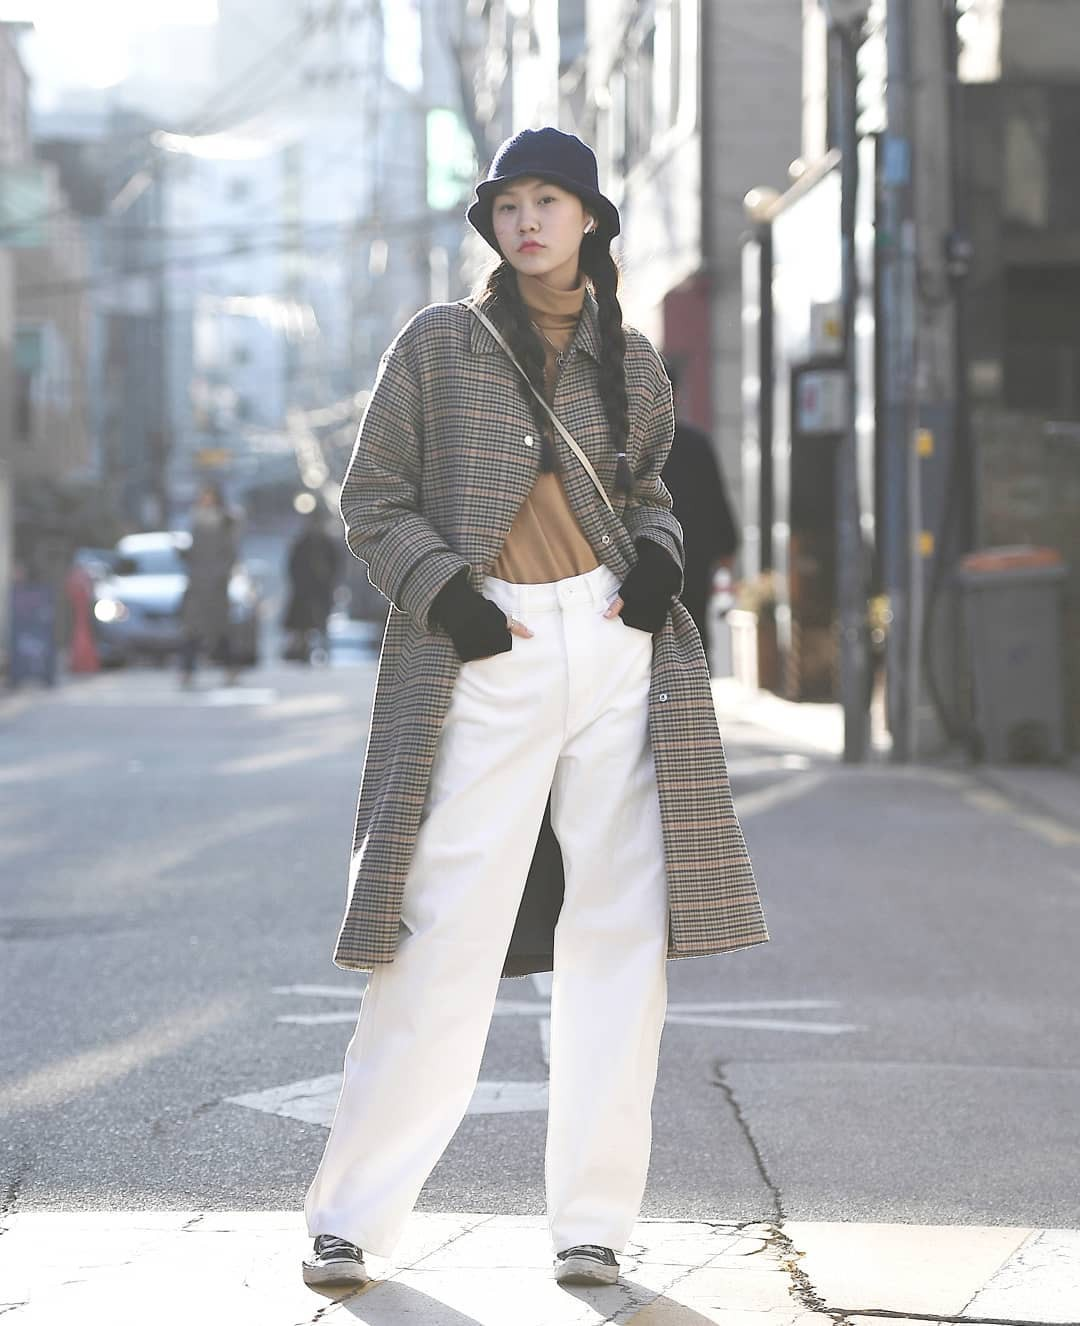 Street style giới trẻ Hàn tuần qua: nữ tính, cá tính, chất chơi chiêu nào cũng có và đều đẹp ngất ngây - Ảnh 5.